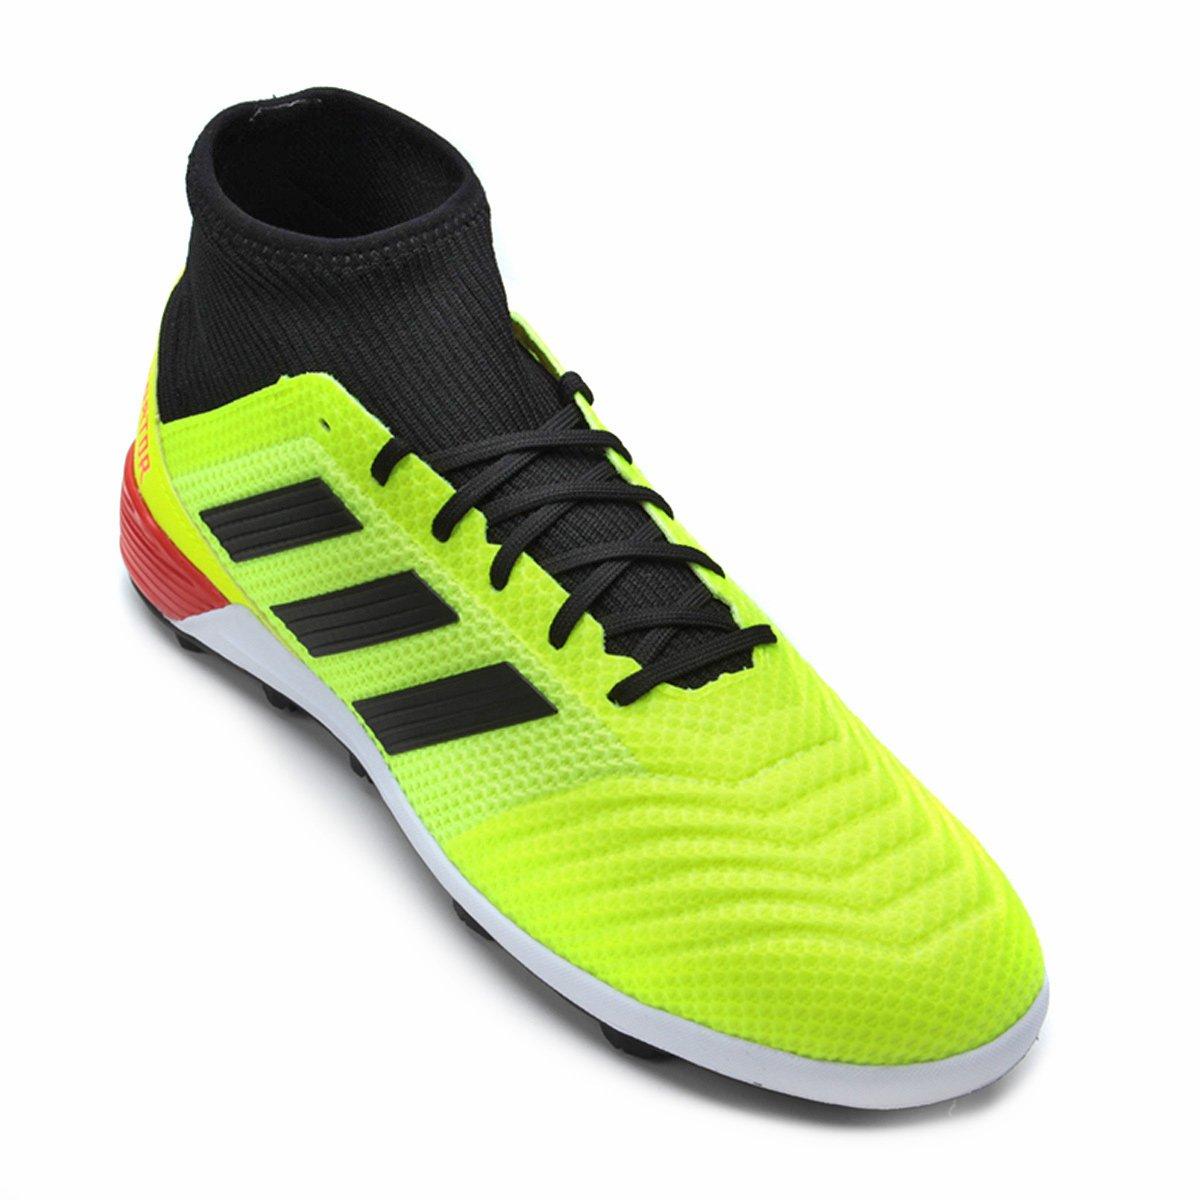 c6d5fd61e4 Chuteira Society Adidas Predator TAN 18 3 TF - Amarelo e Preto ...